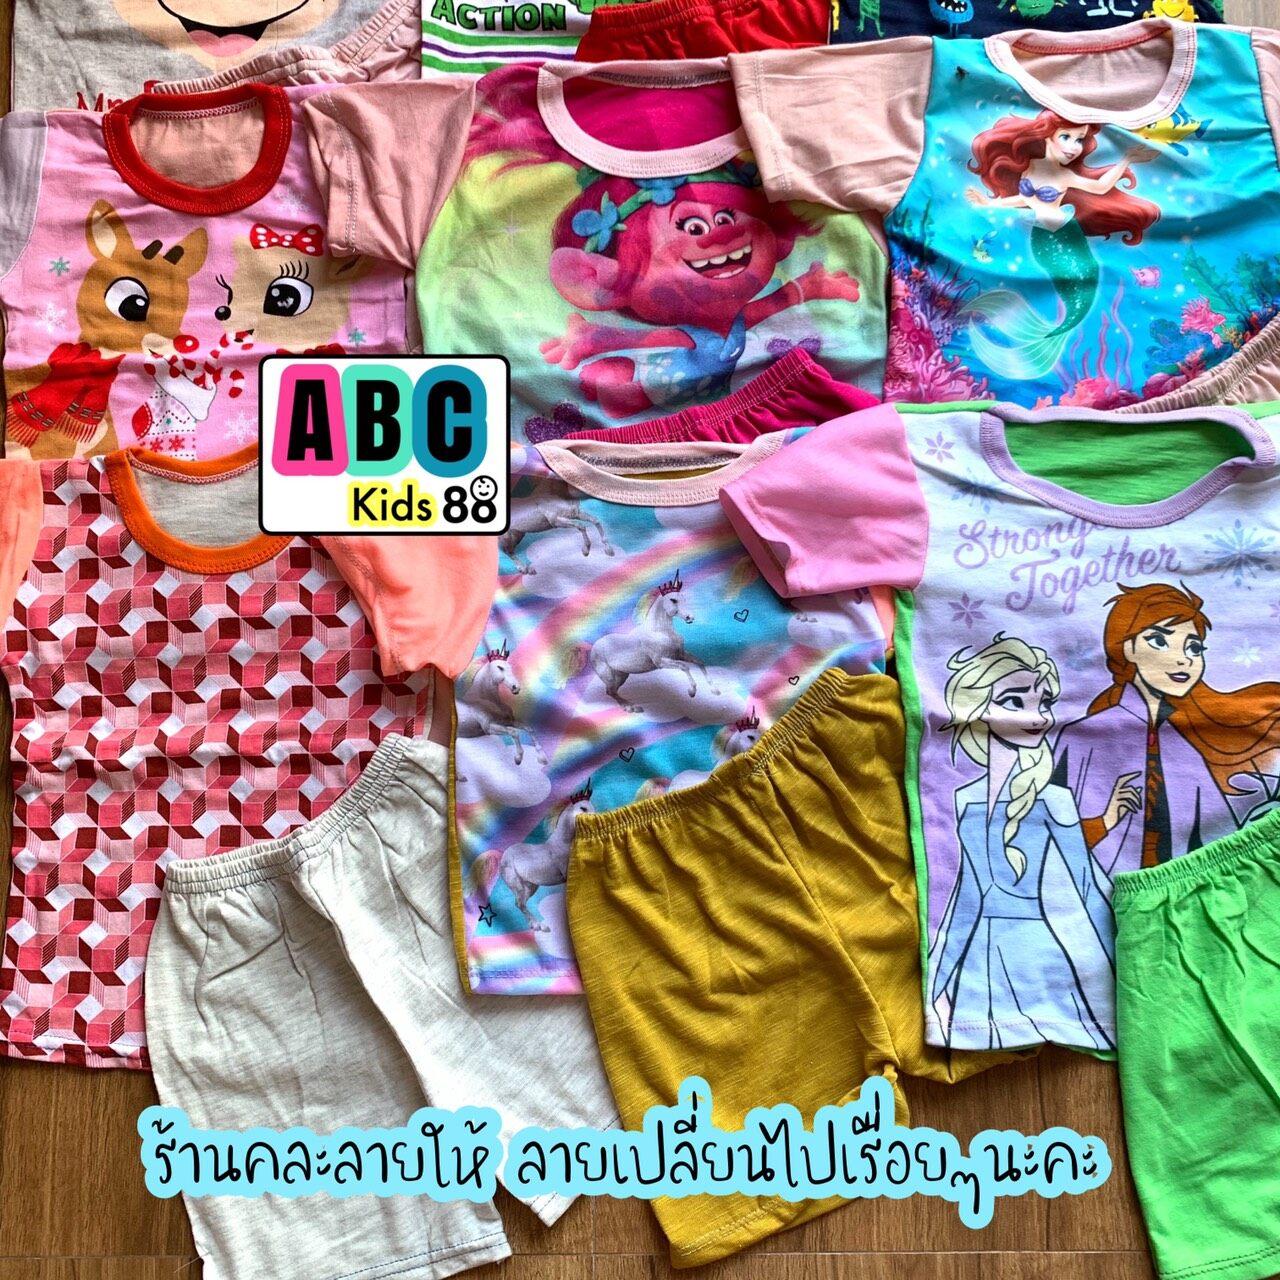 ชุดเด็ก (แพ็ค 5 ชุด) ชุดเด็กแขนสั้น เสื้อเด็กแขนสั้น + กางเกงเด็กขาสั้น